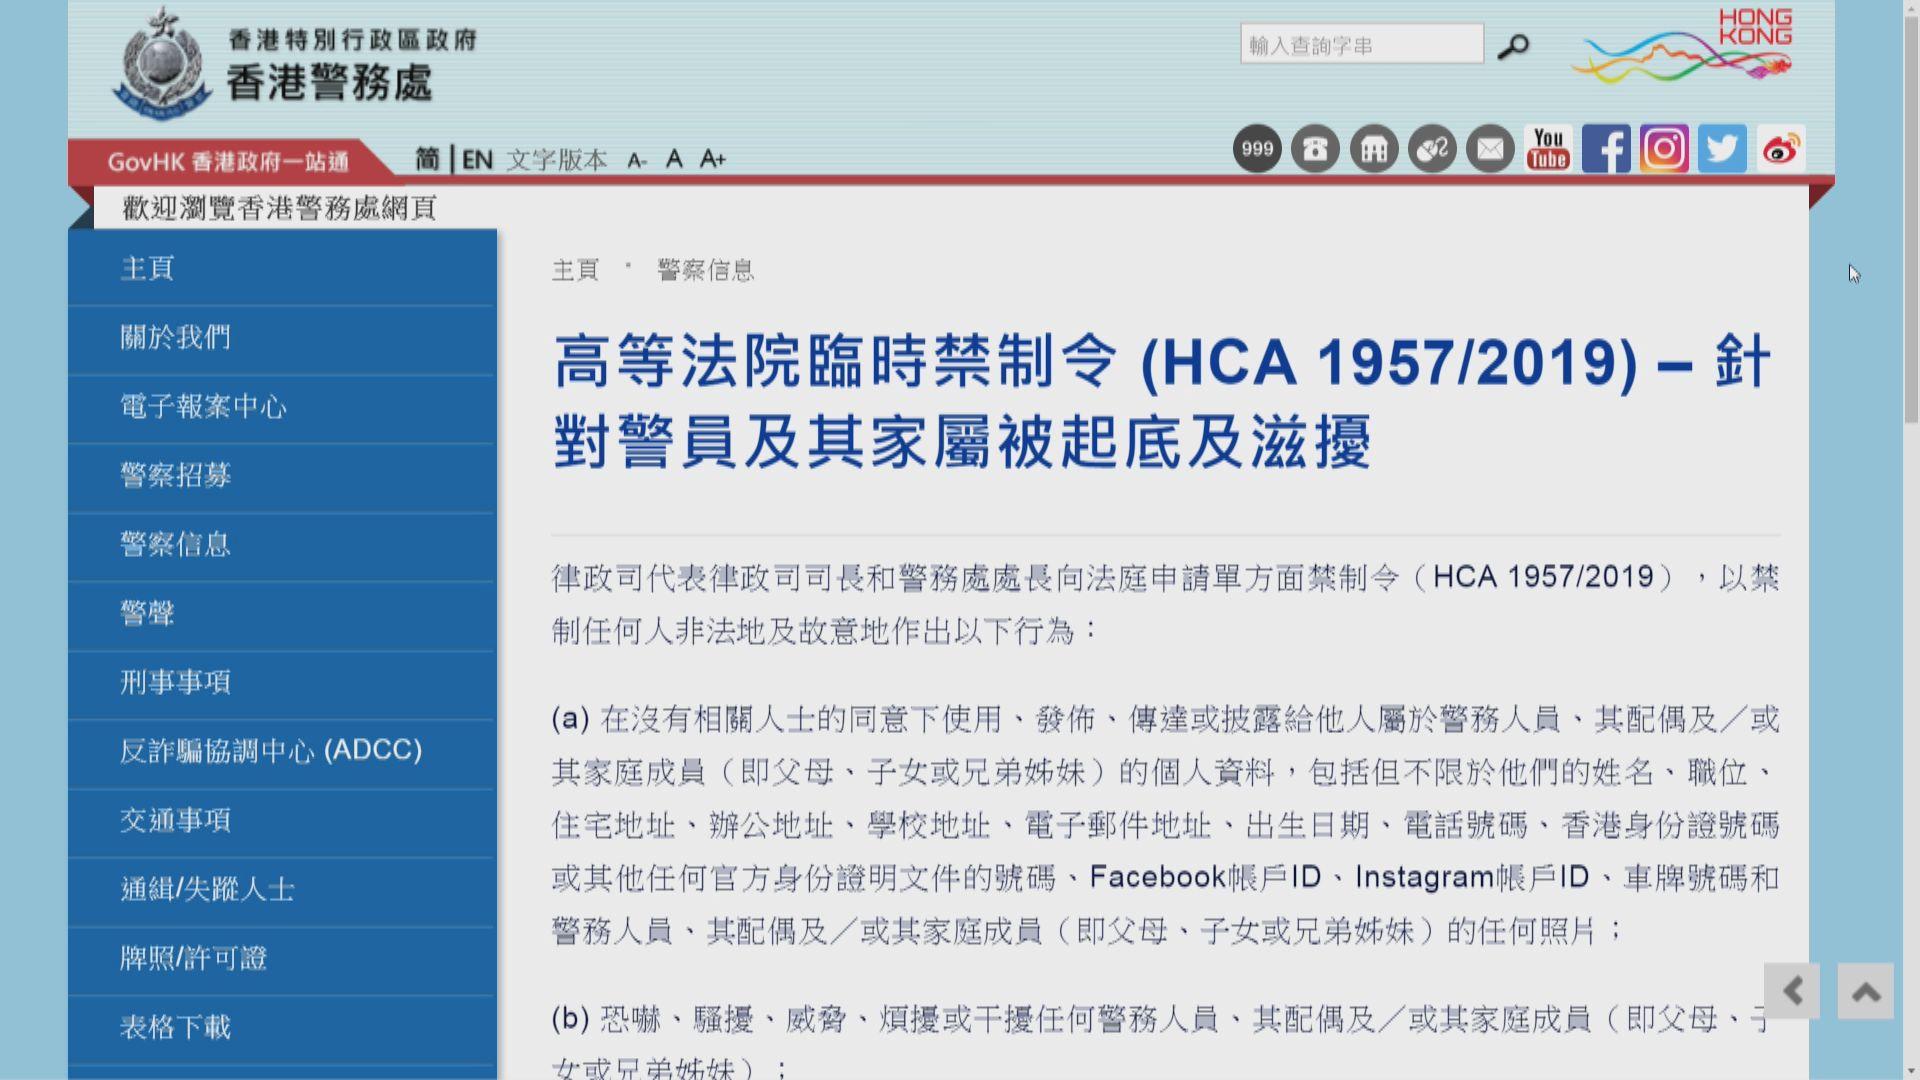 律政司︰禁將警員起底禁制令非針對傳媒報道